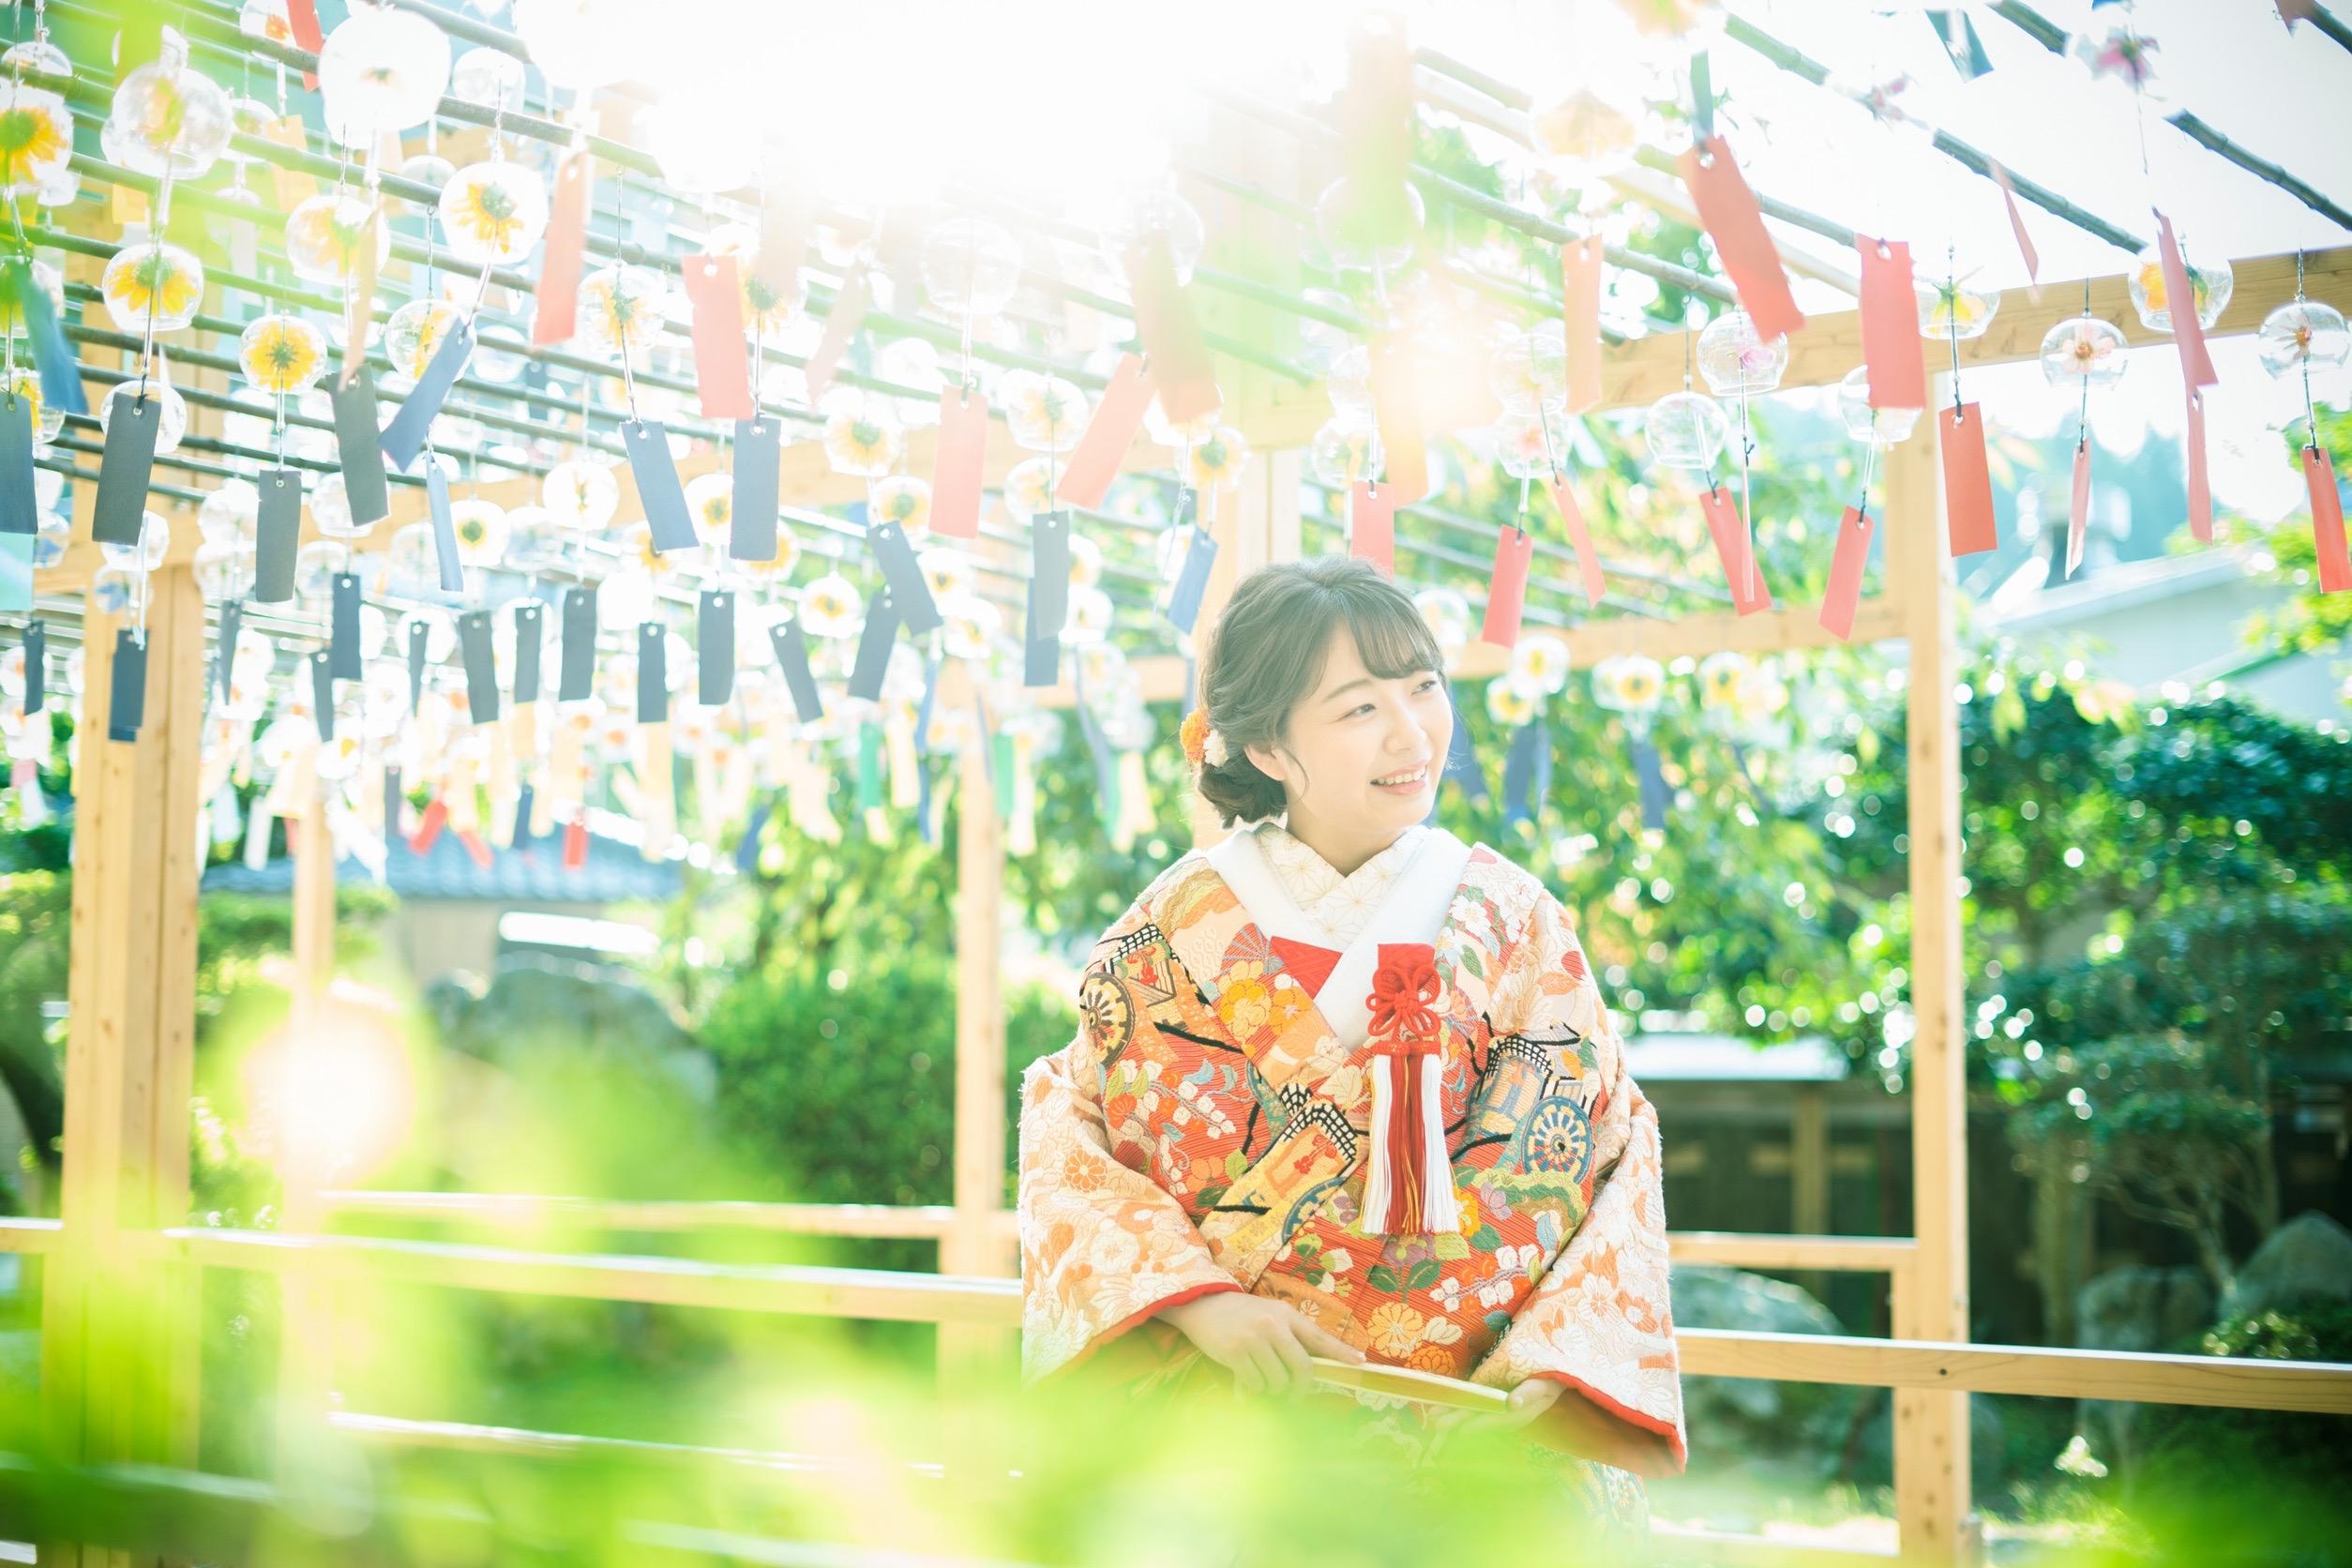 正寿院の風鈴祭り期間に前撮りしました。